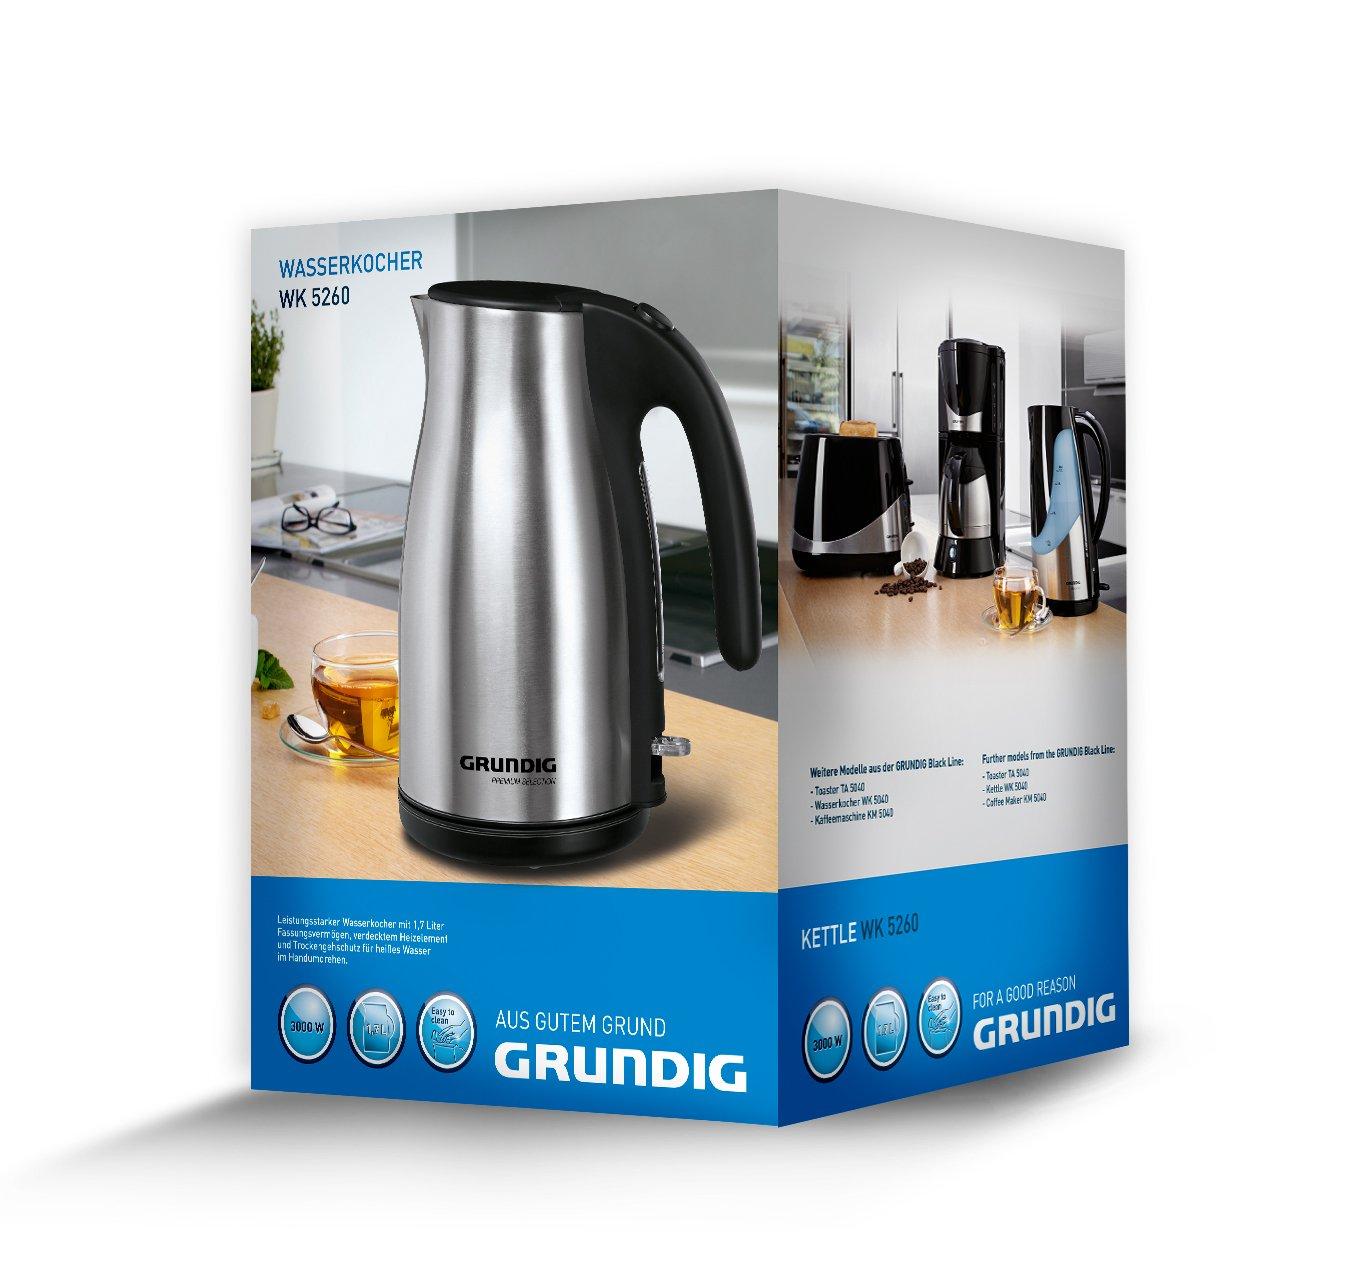 Grundig-WK-5260-c-Wasserkocher